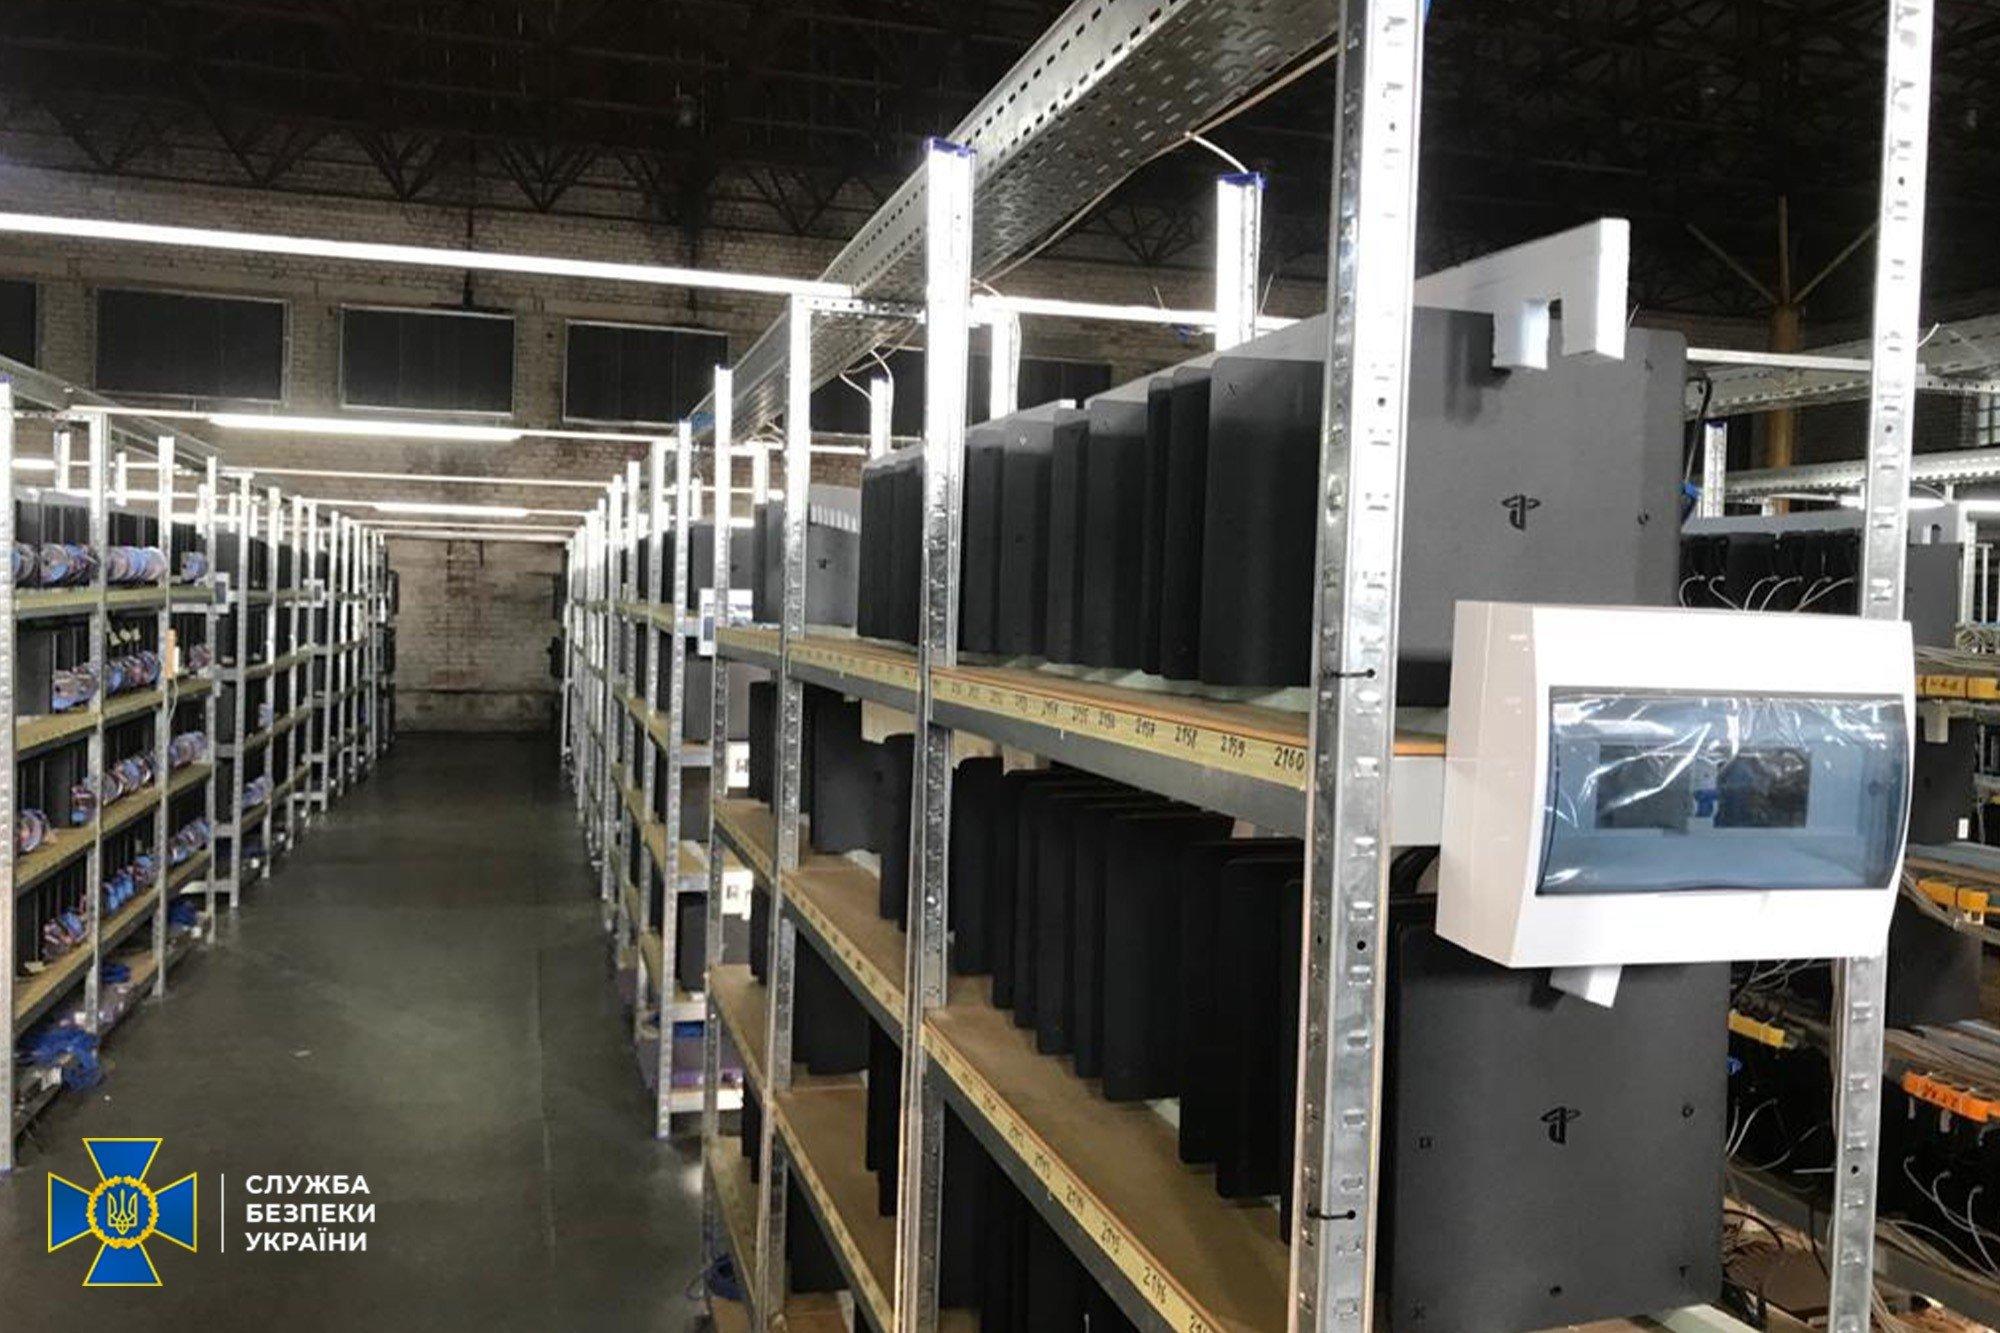 imagens do centro com ps4 para mineração